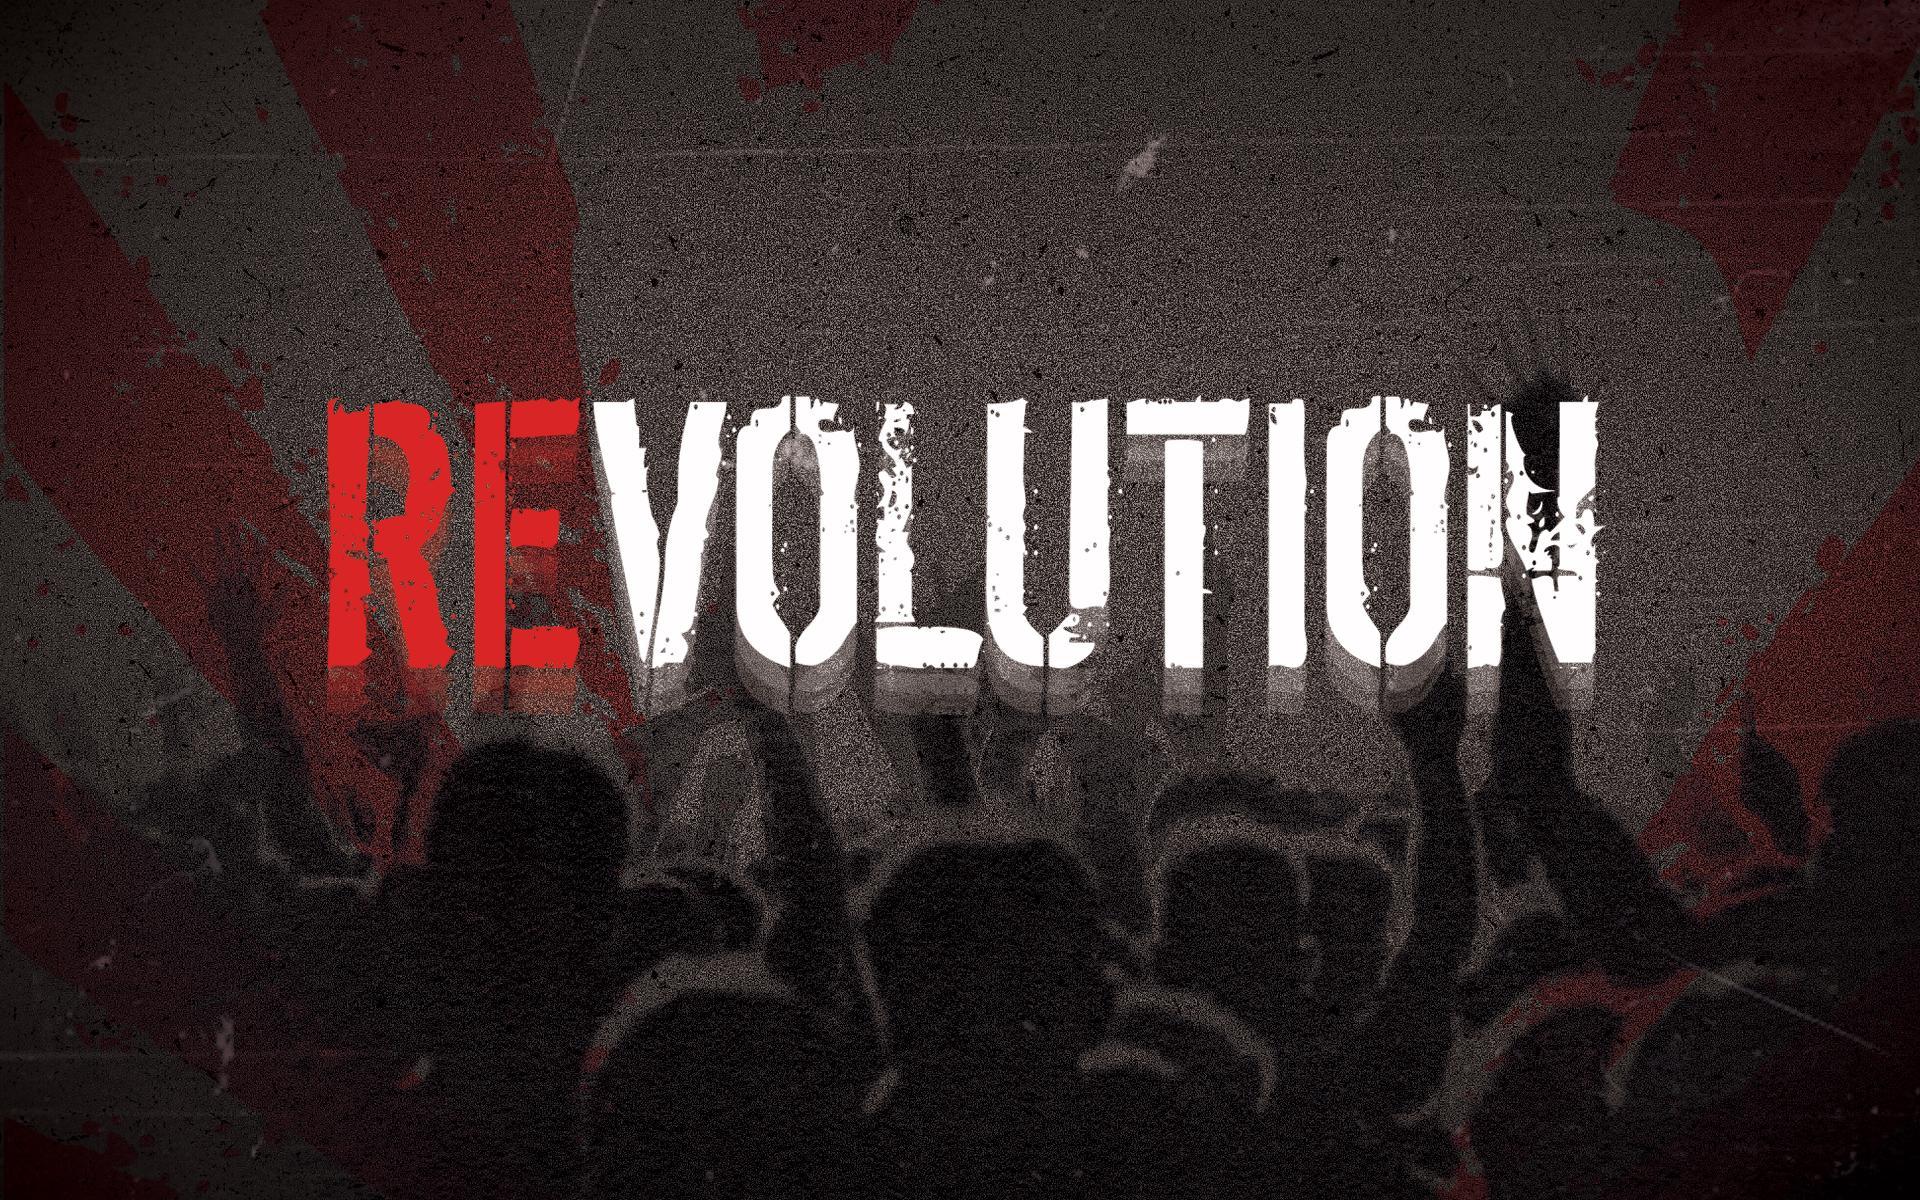 Le catéchisme du révolutionnaire